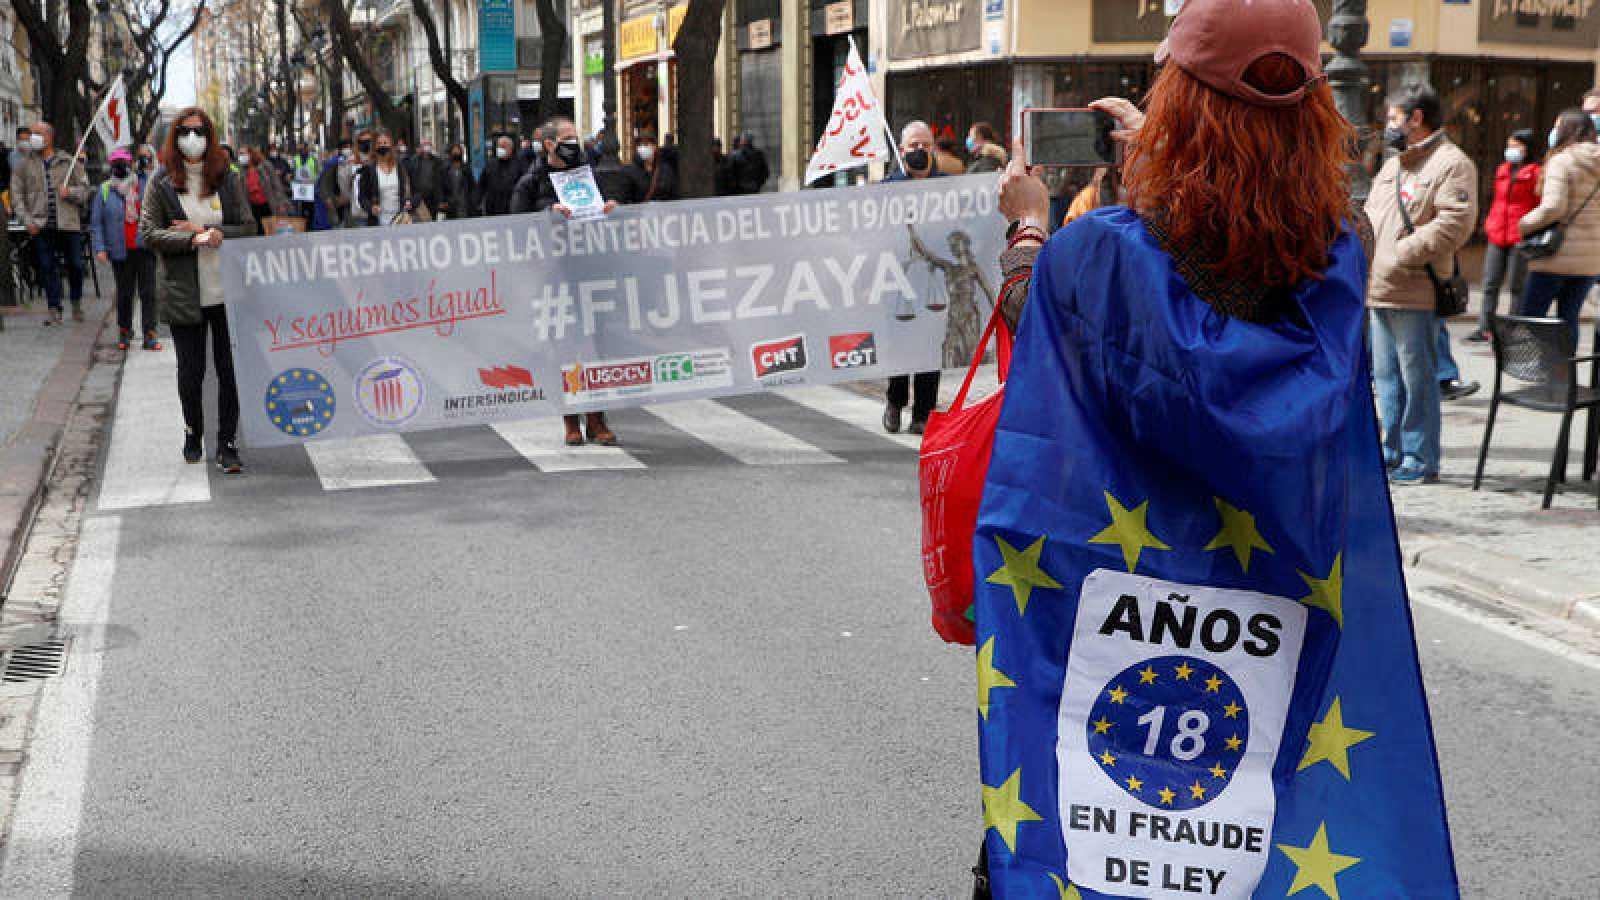 Los interinos reclaman la aplicación de la sentencia del TJUE de marzo de 2020, sobre el abuso de contratación temporal